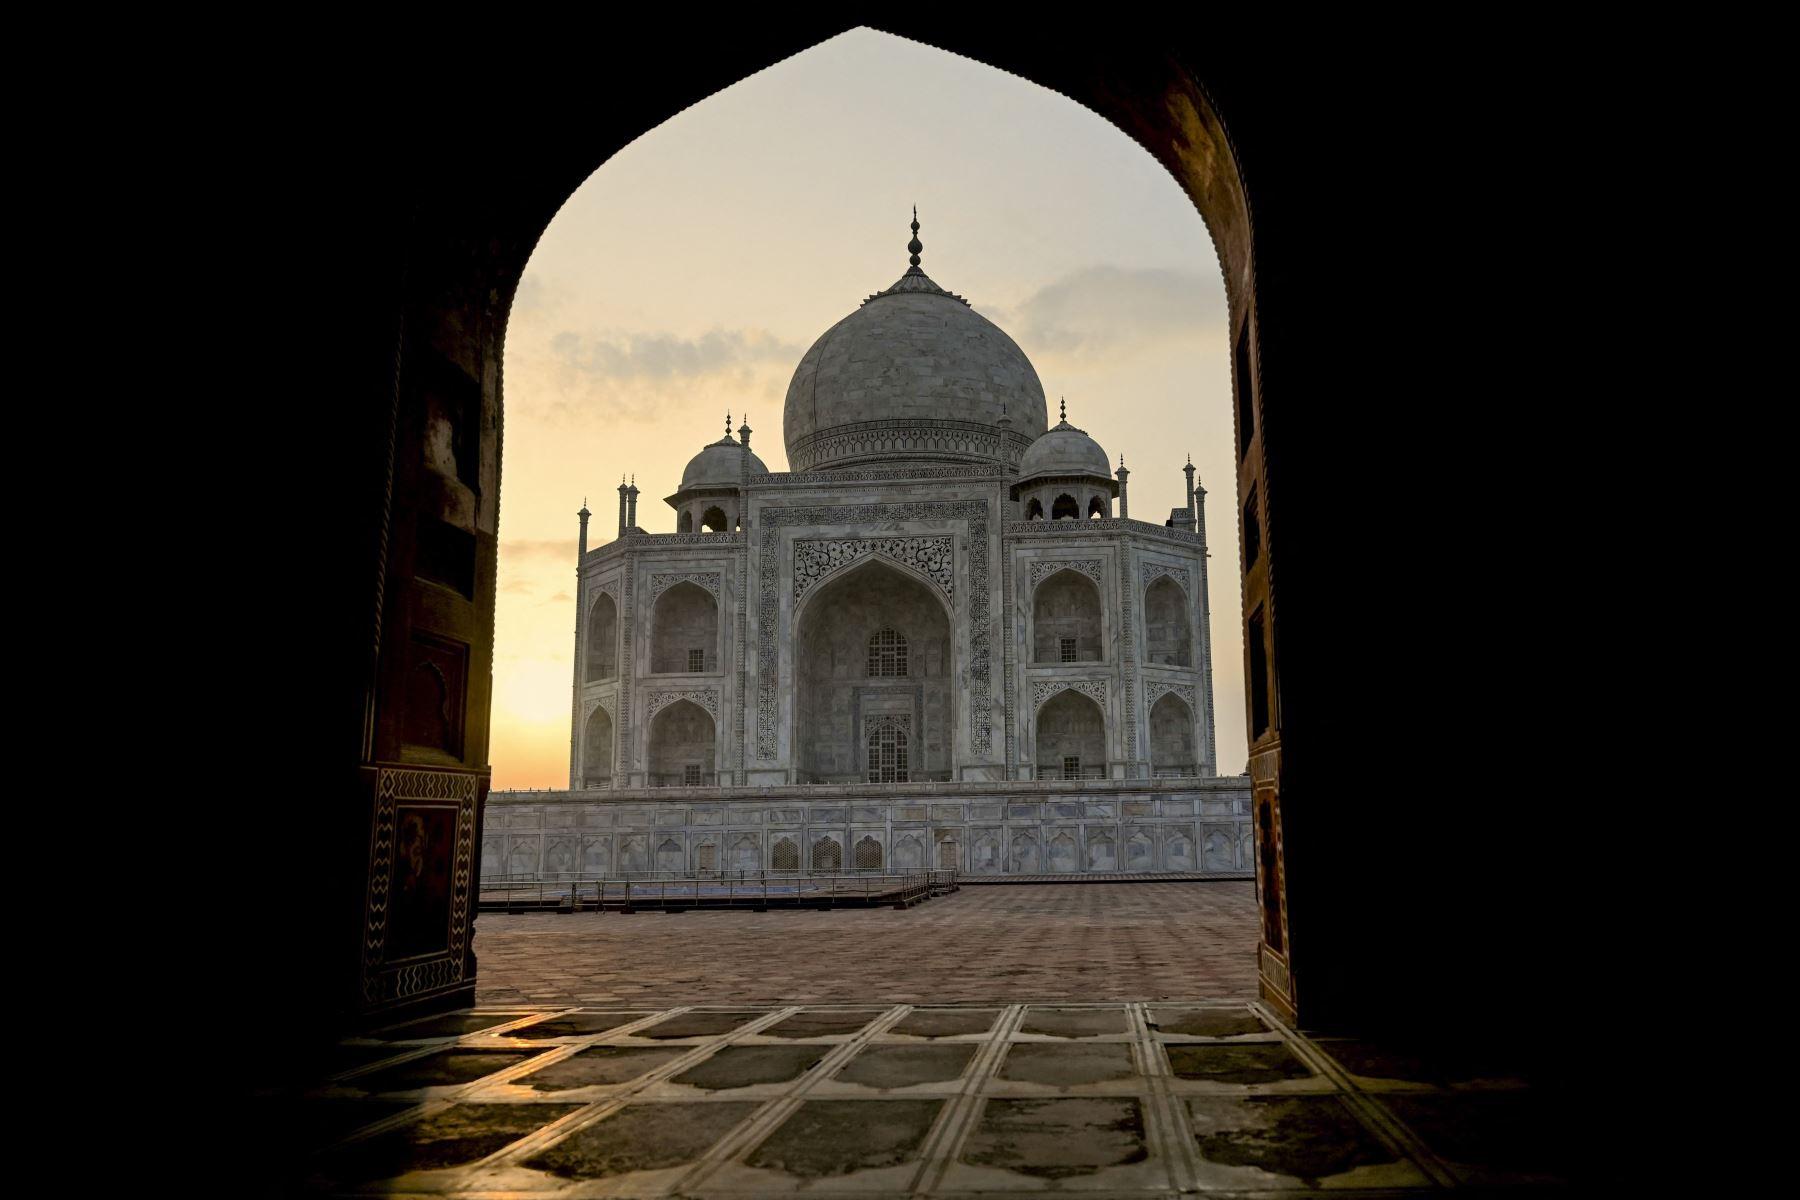 El sol sale detrás del Taj Mahal después de que se reabrió a los visitantes luego de que las autoridades flexibilizaran las restricciones del coronavirus en Agra. Foto: AFP